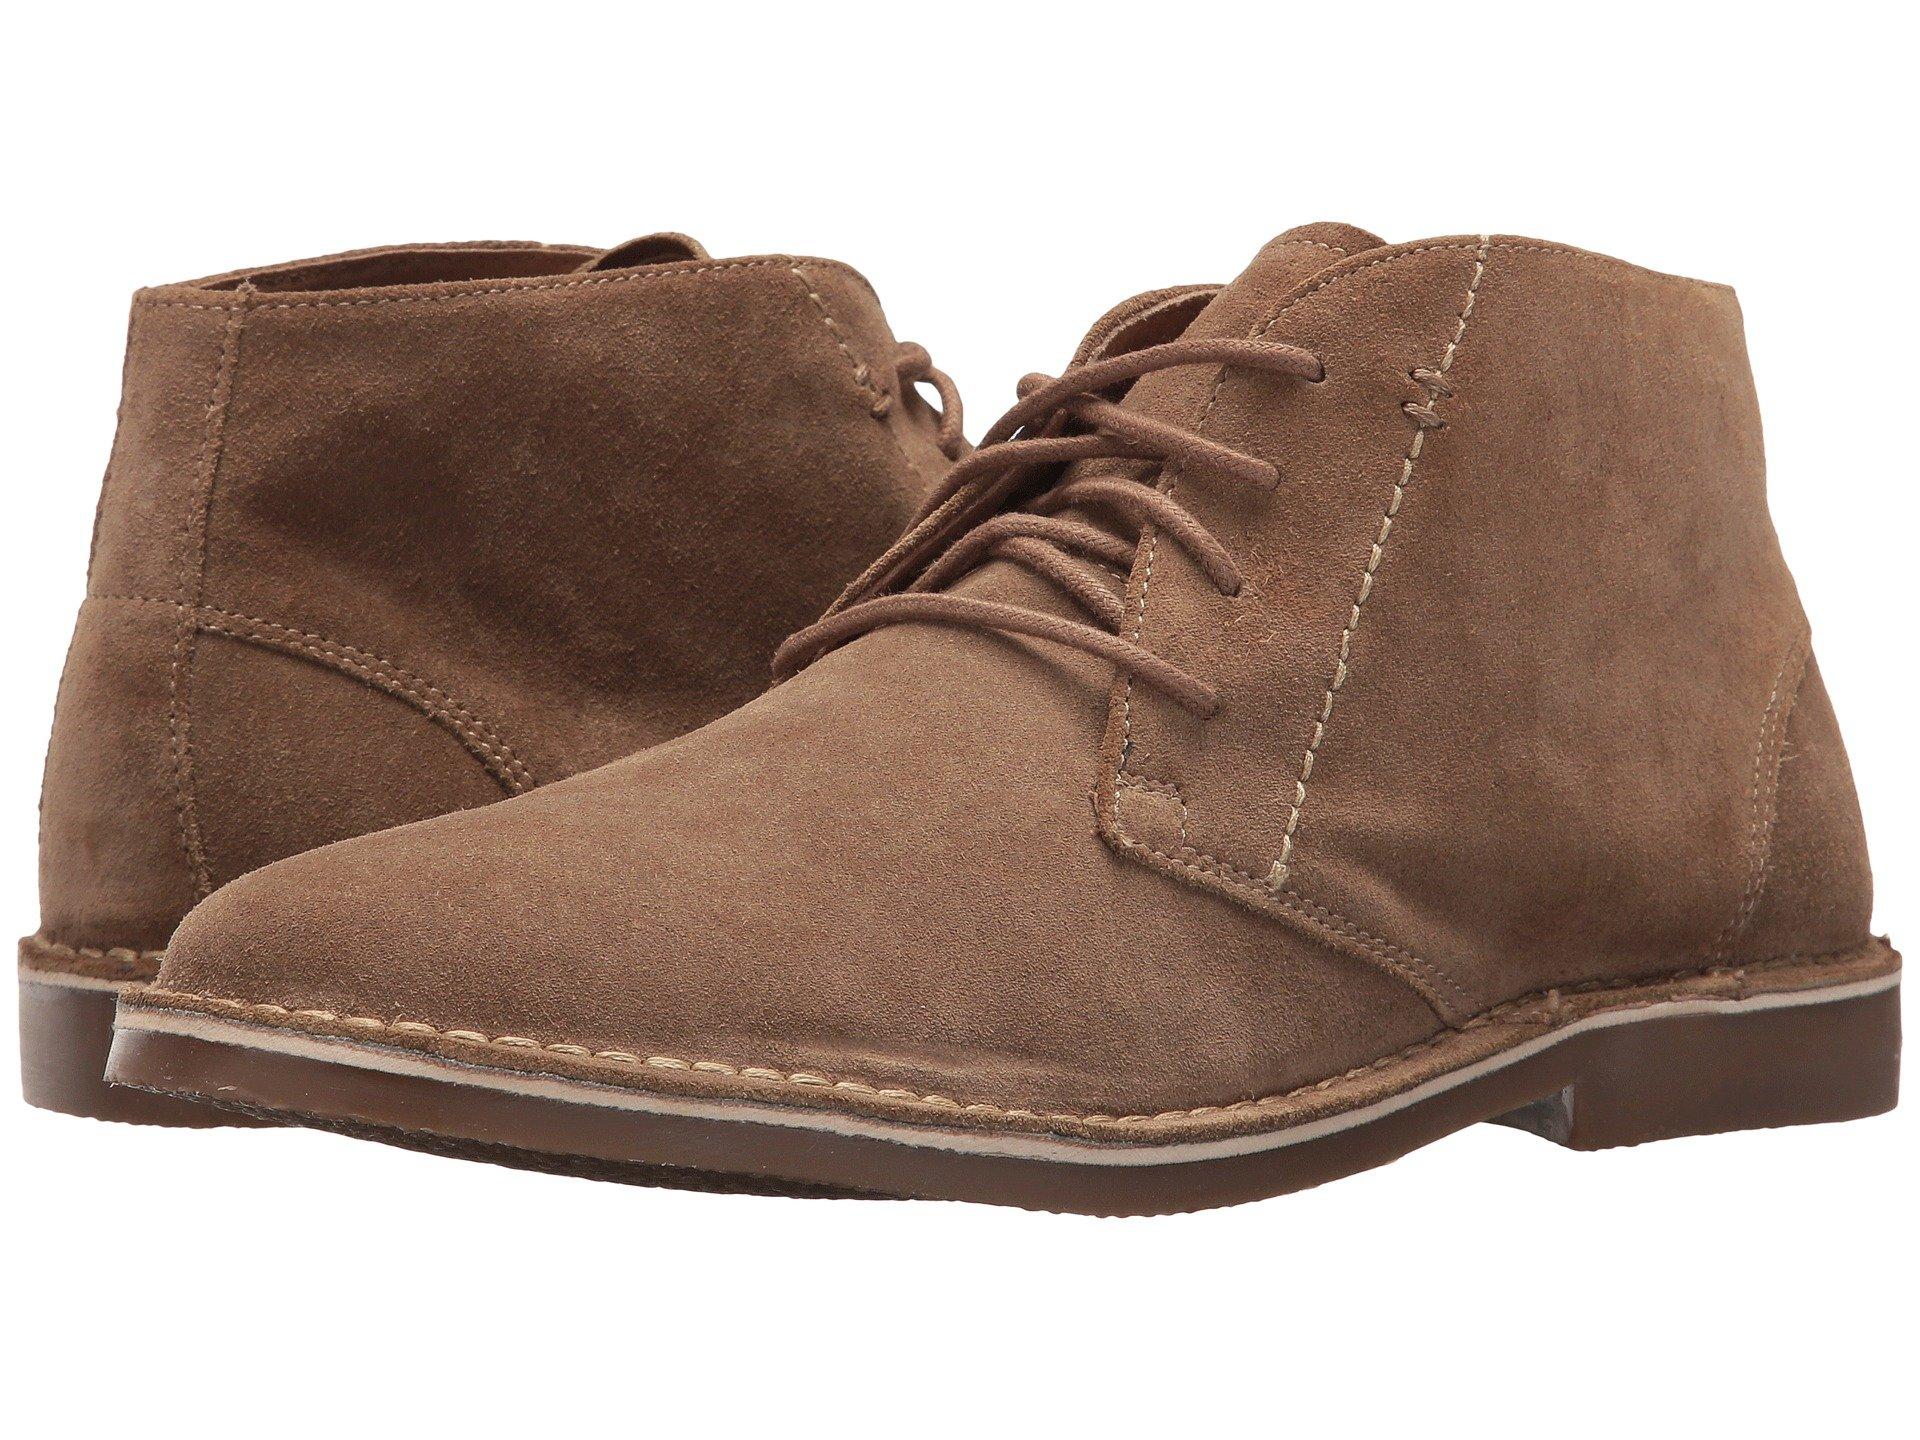 chukka boots pair ... gyszxsl